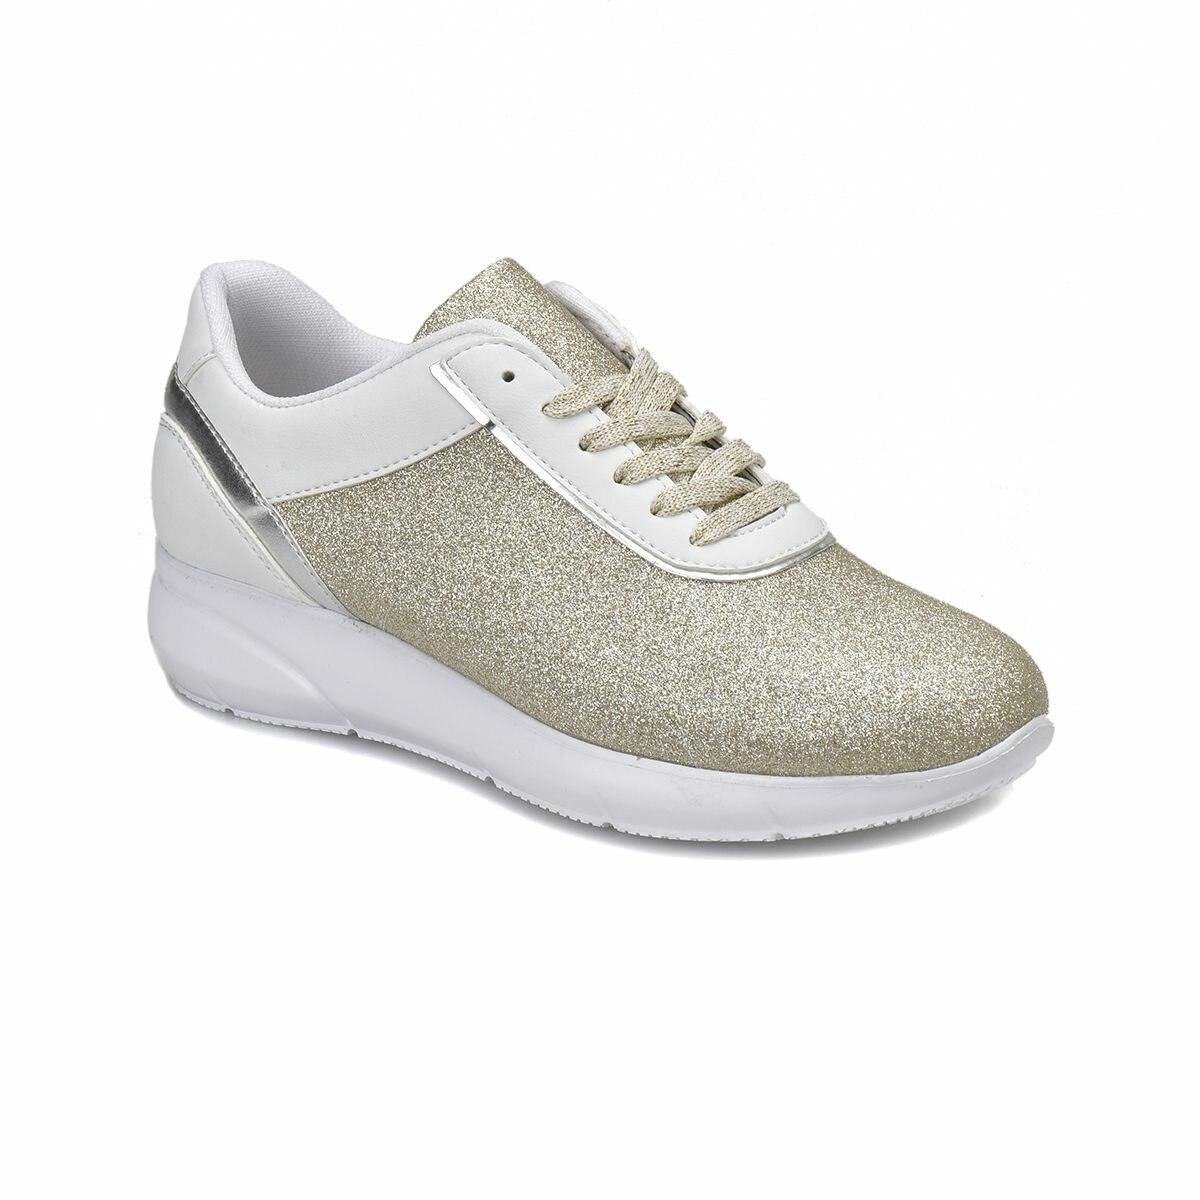 FLO 81. 311534.Z Cream Women 'S Sports Shoes Polaris